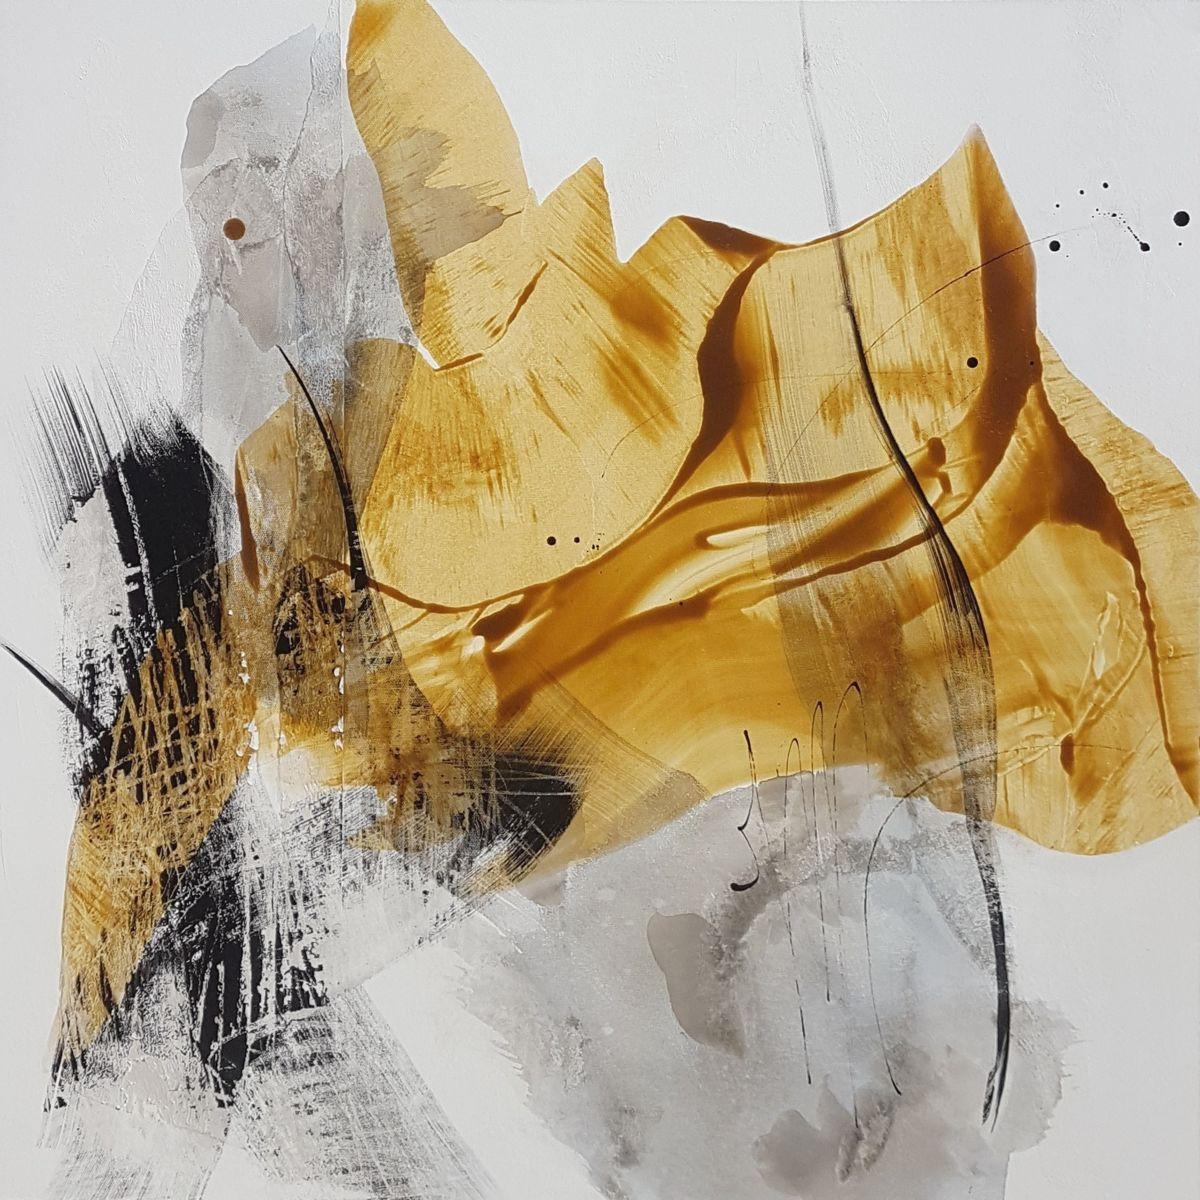 salon d'art, val d'oise, montmagny, peinture, sculpture, abstrait, exposition